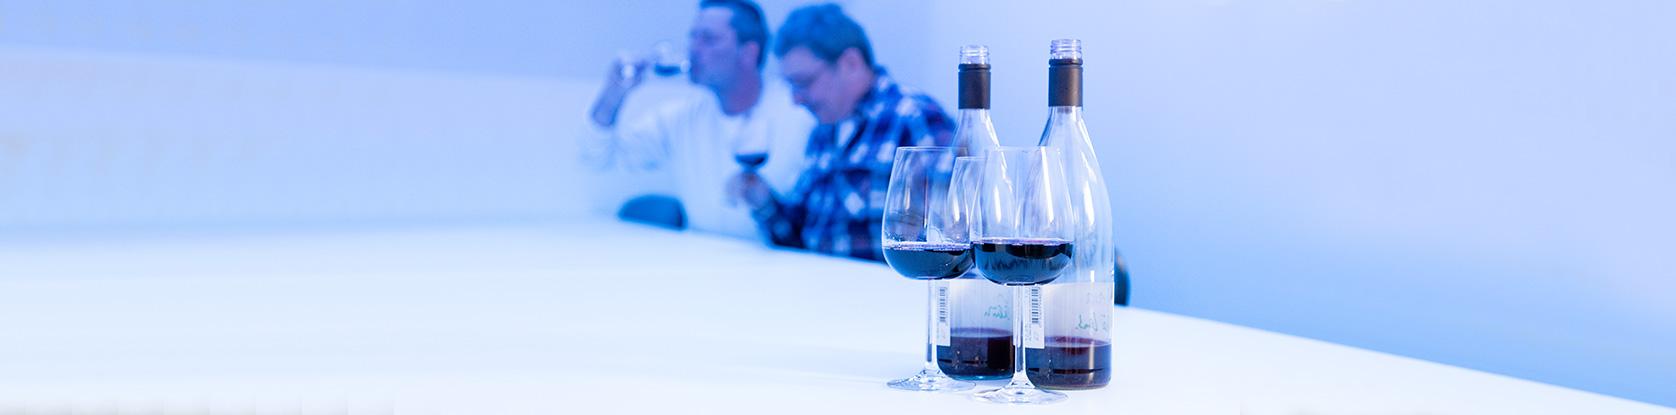 Weinlabor Klingler - Sensorikprüfung des Weines unter blauem Licht